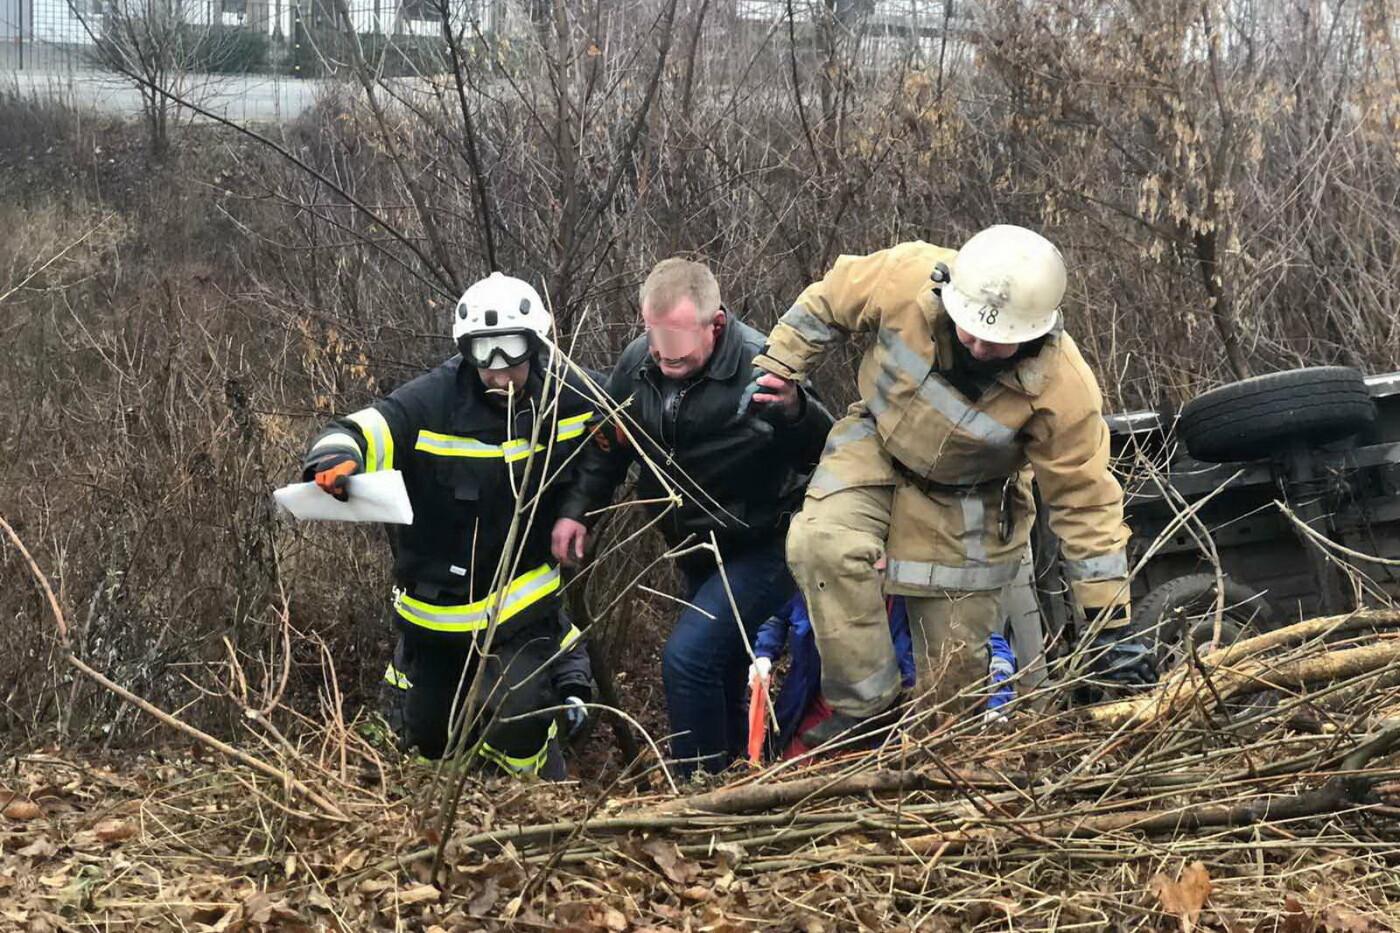 Под Харьковом микроавтобус вылетел в кювет и перевернулся: водителя доставали спасатели, - ФОТО, фото-1